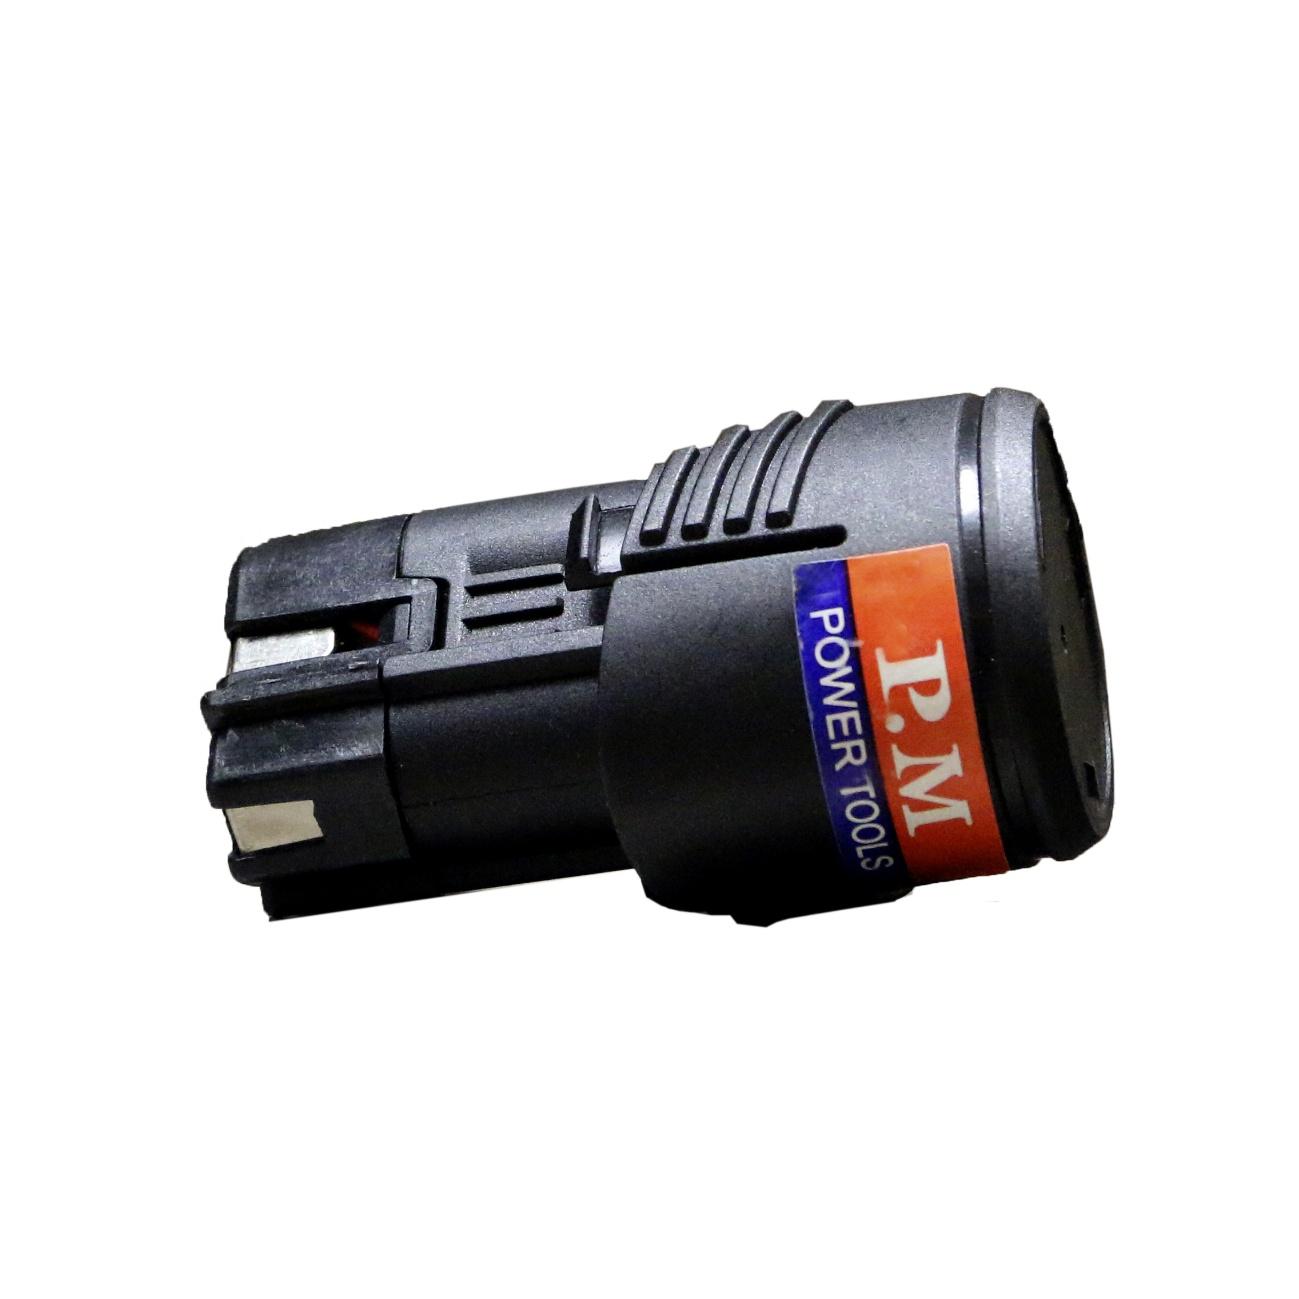 باتری دریل پیچ گوشتی شارژی پی ام مدل CE1